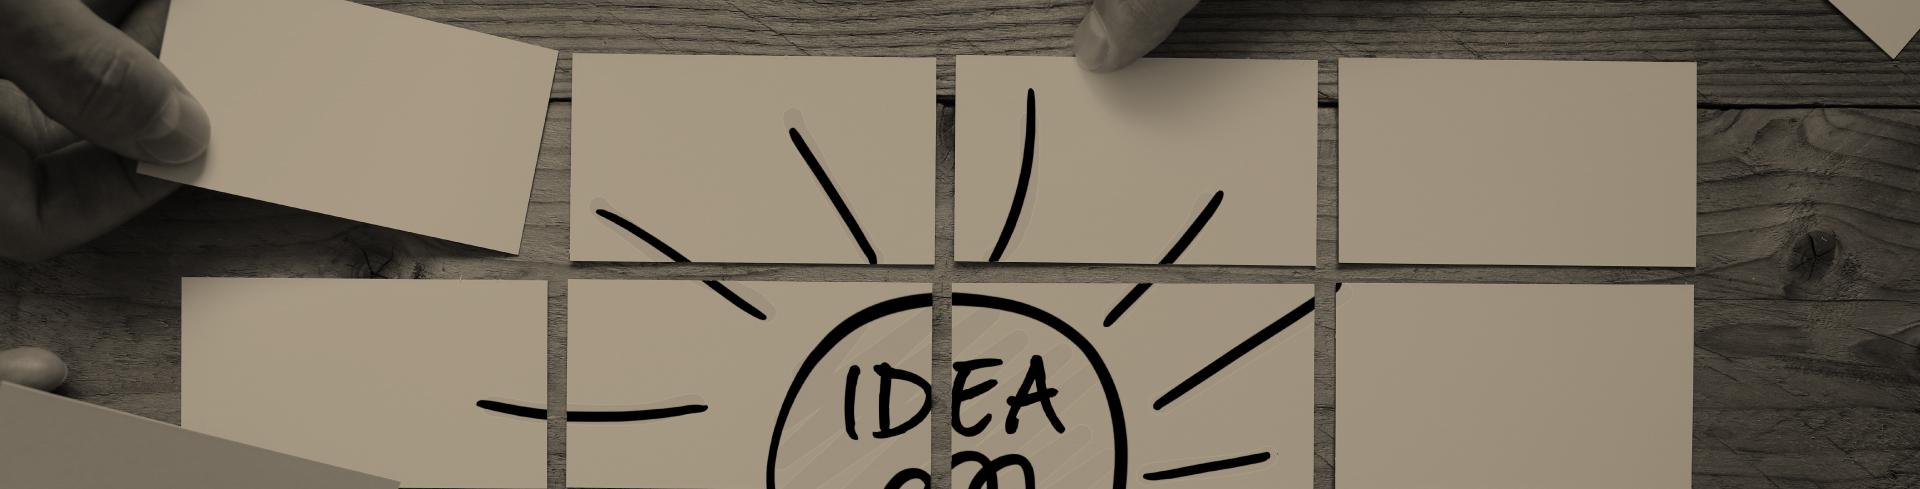 Procesos creativos para la innovación social